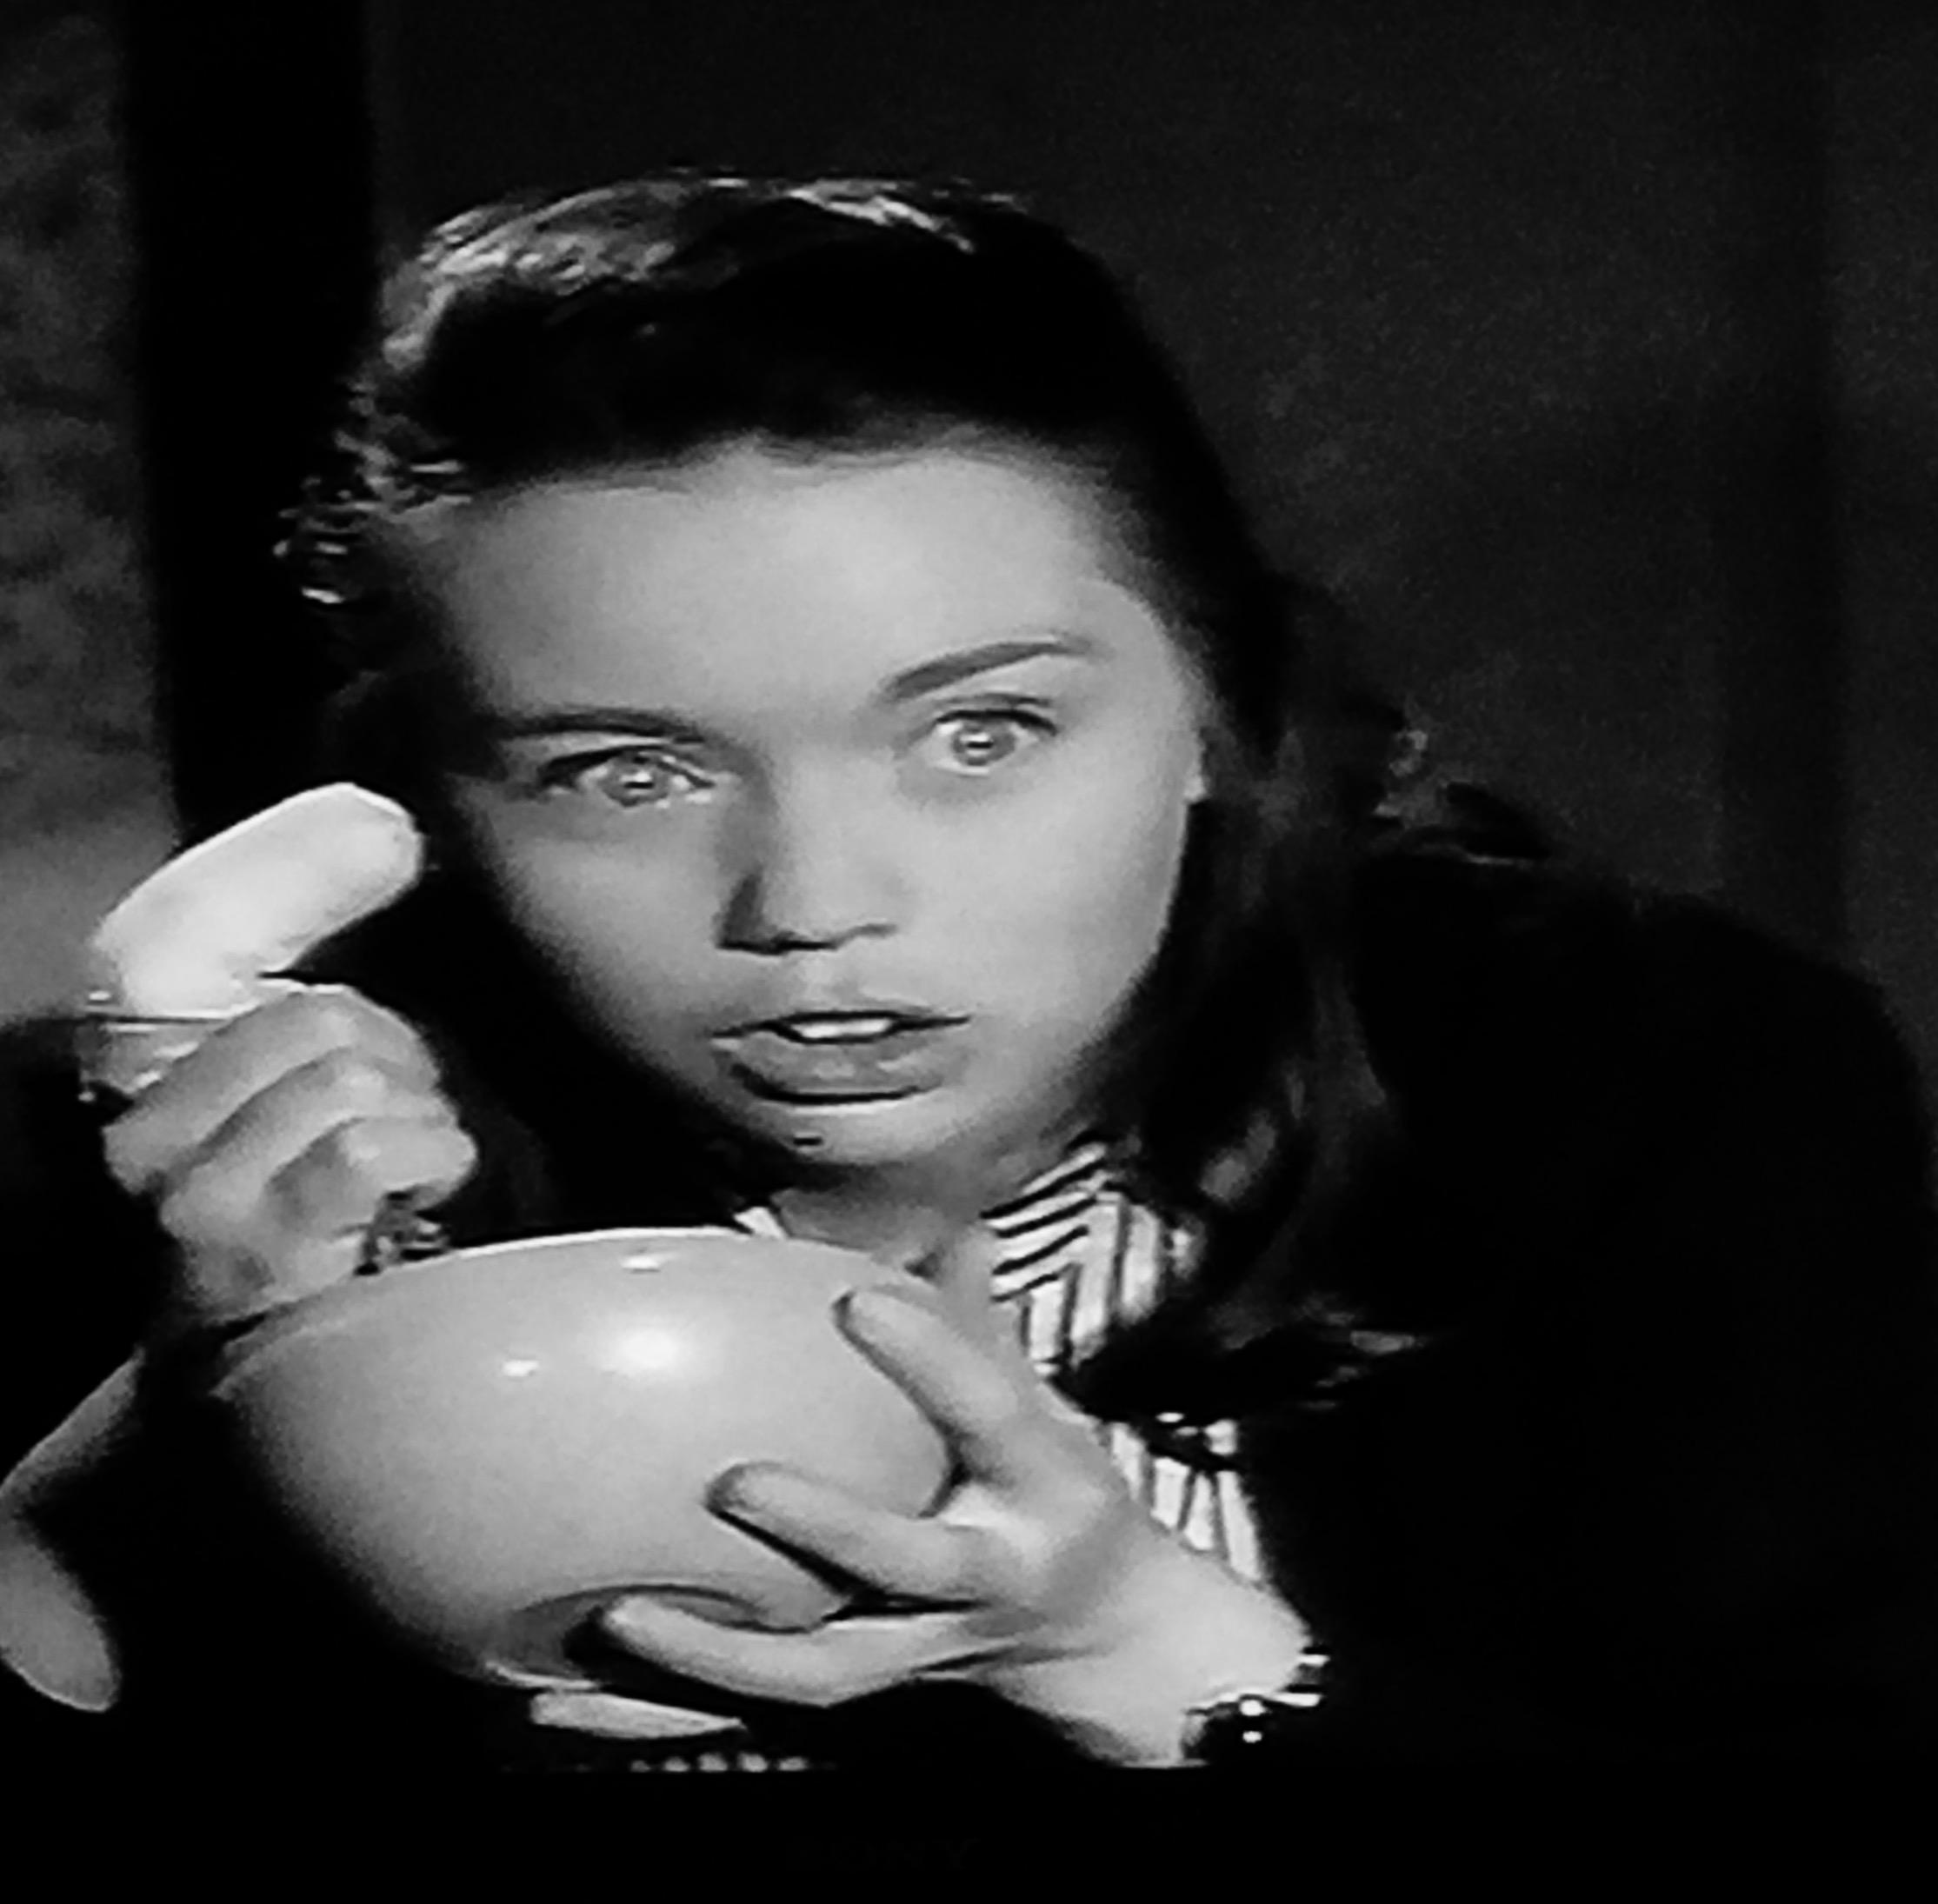 Janina Faye in Don't Talk to Strange Men (1962)